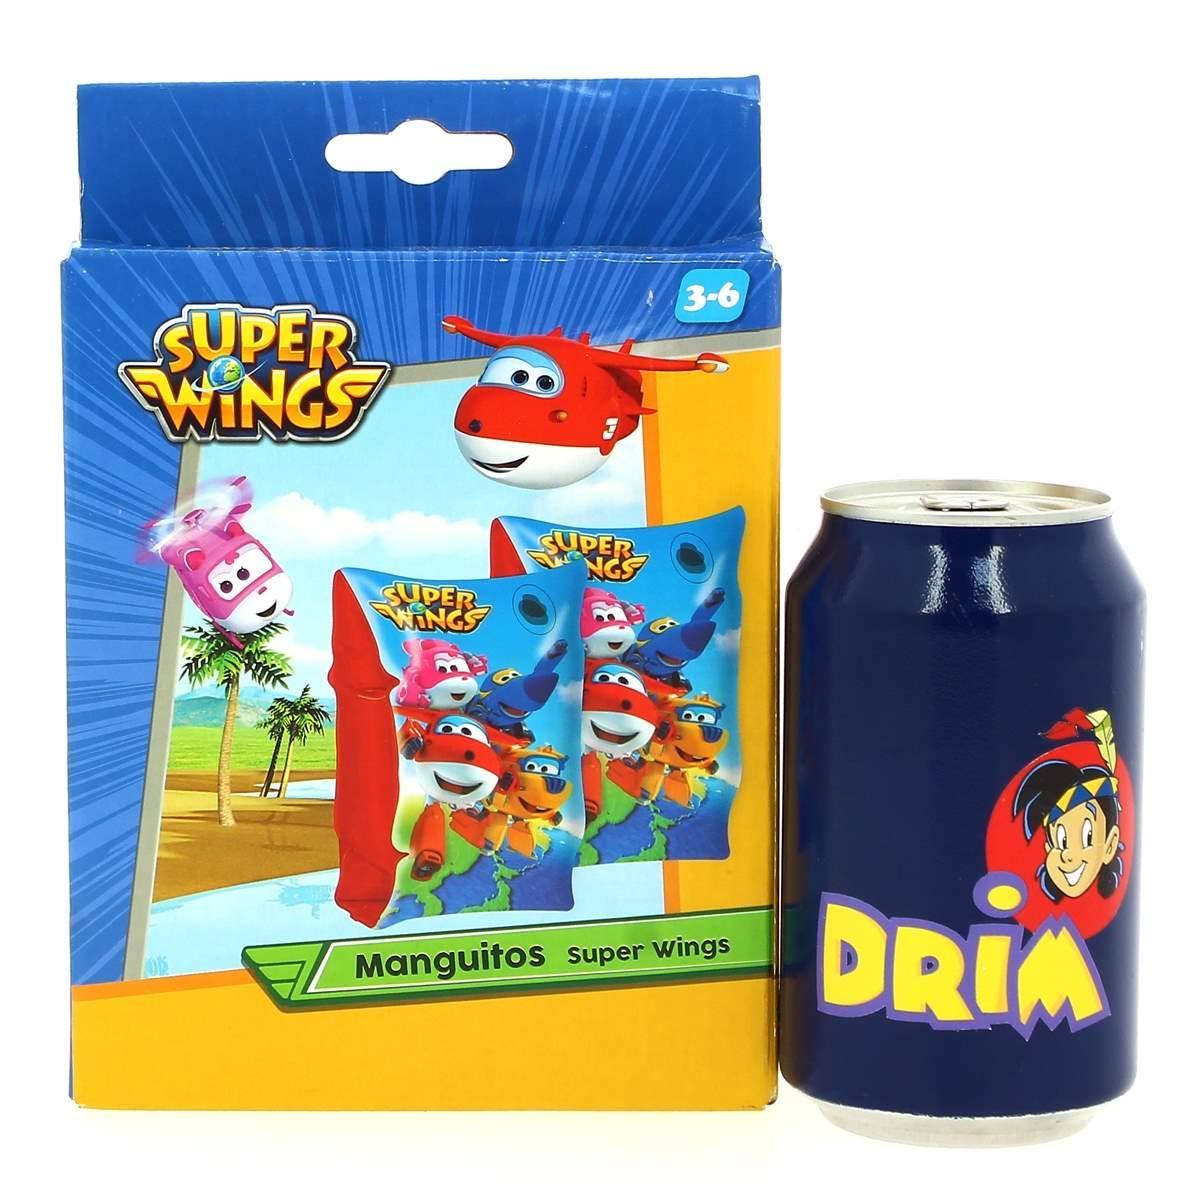 Super wings brazalete surtido: Amazon.es: Juguetes y juegos